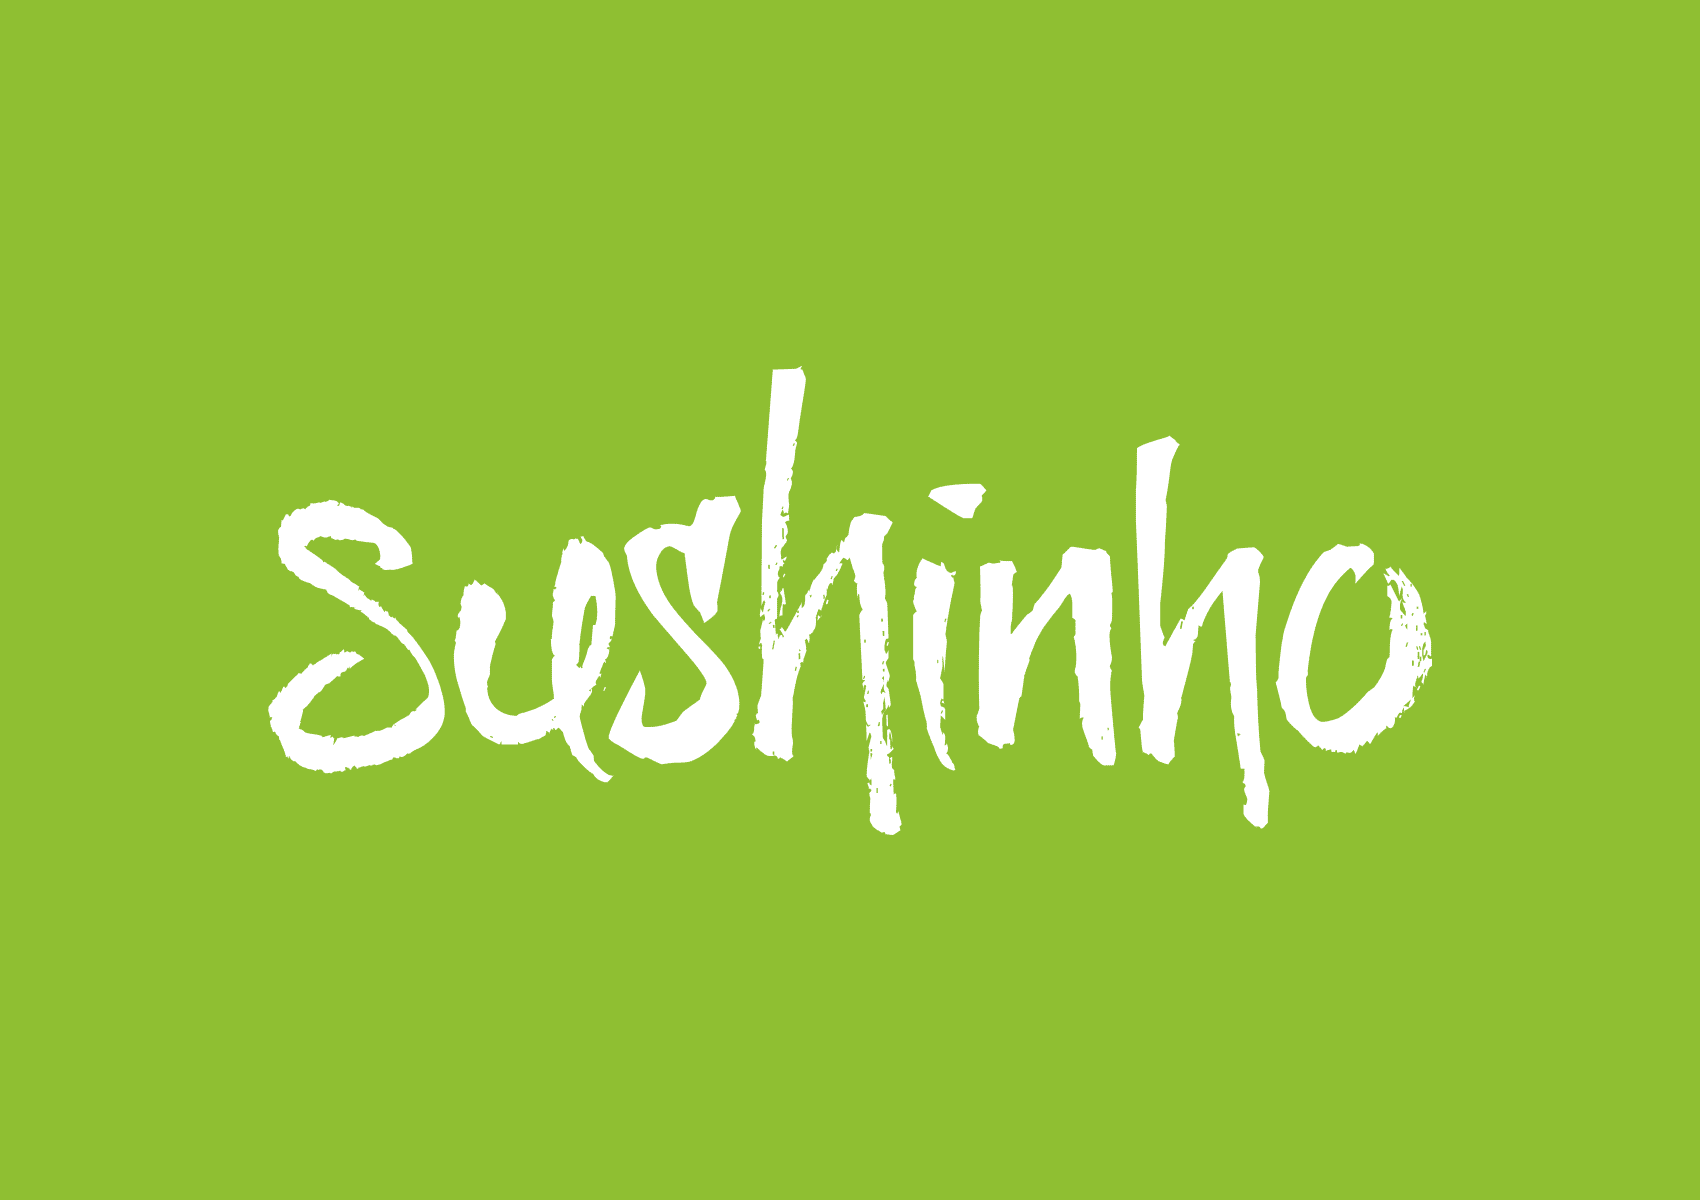 Sushinho brand identity